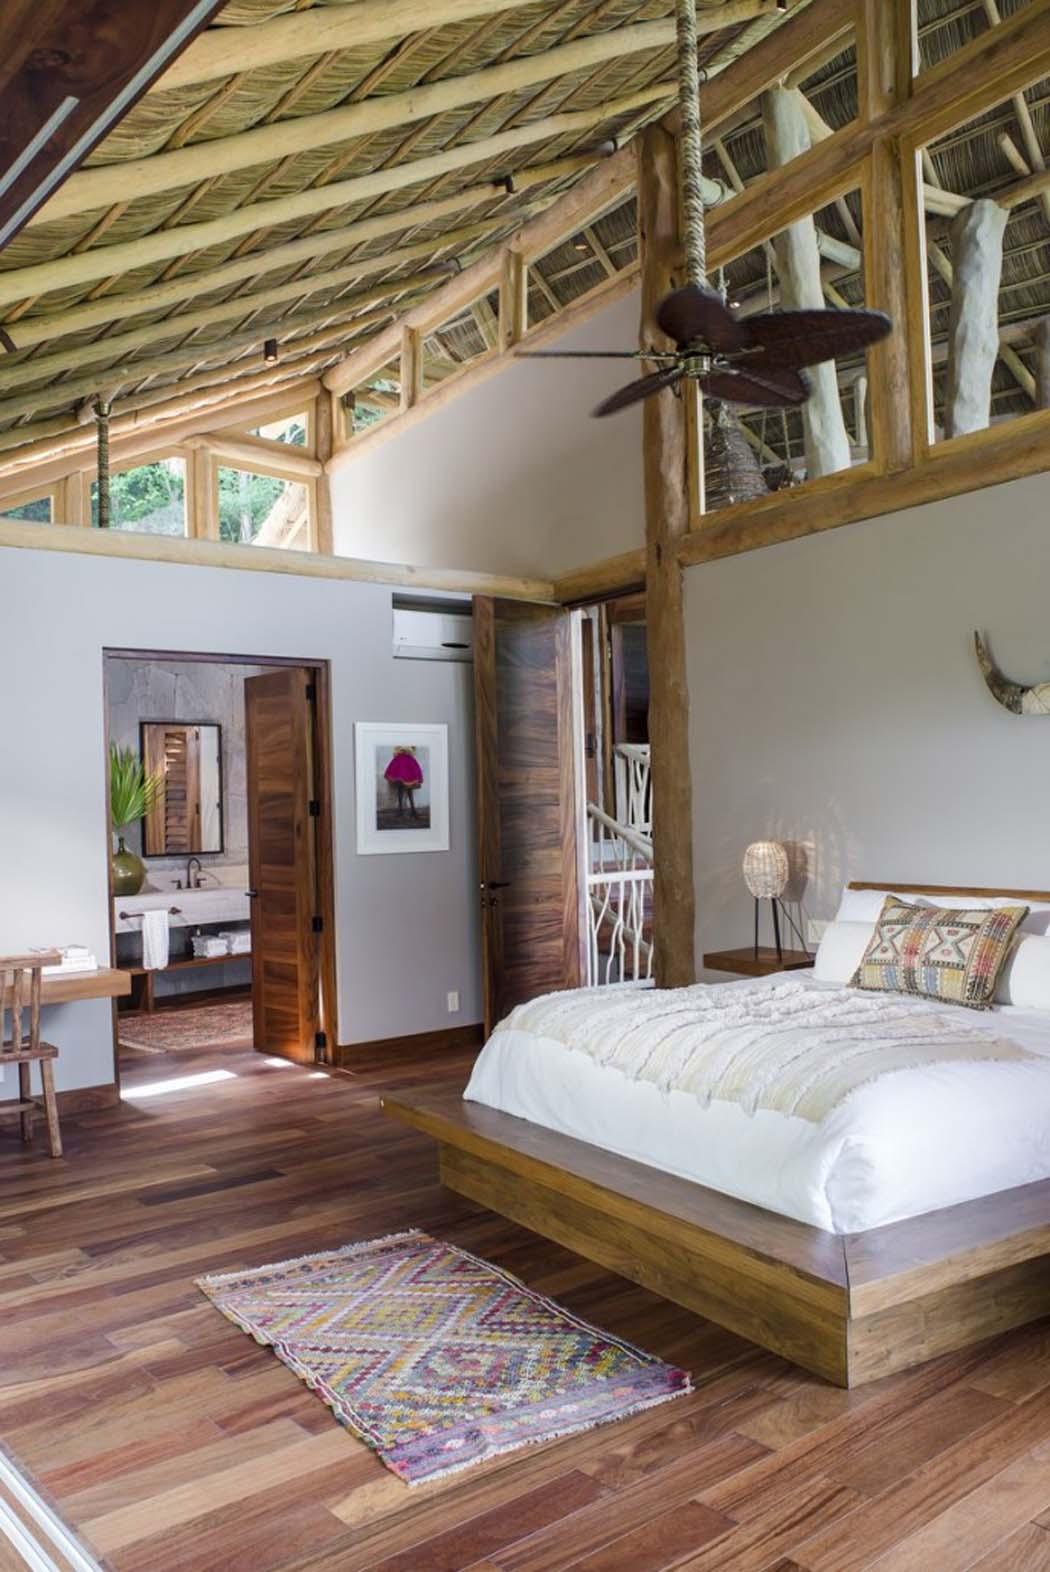 Deco Chambre Exotique : Originale maison location de vacances au mexique avec une